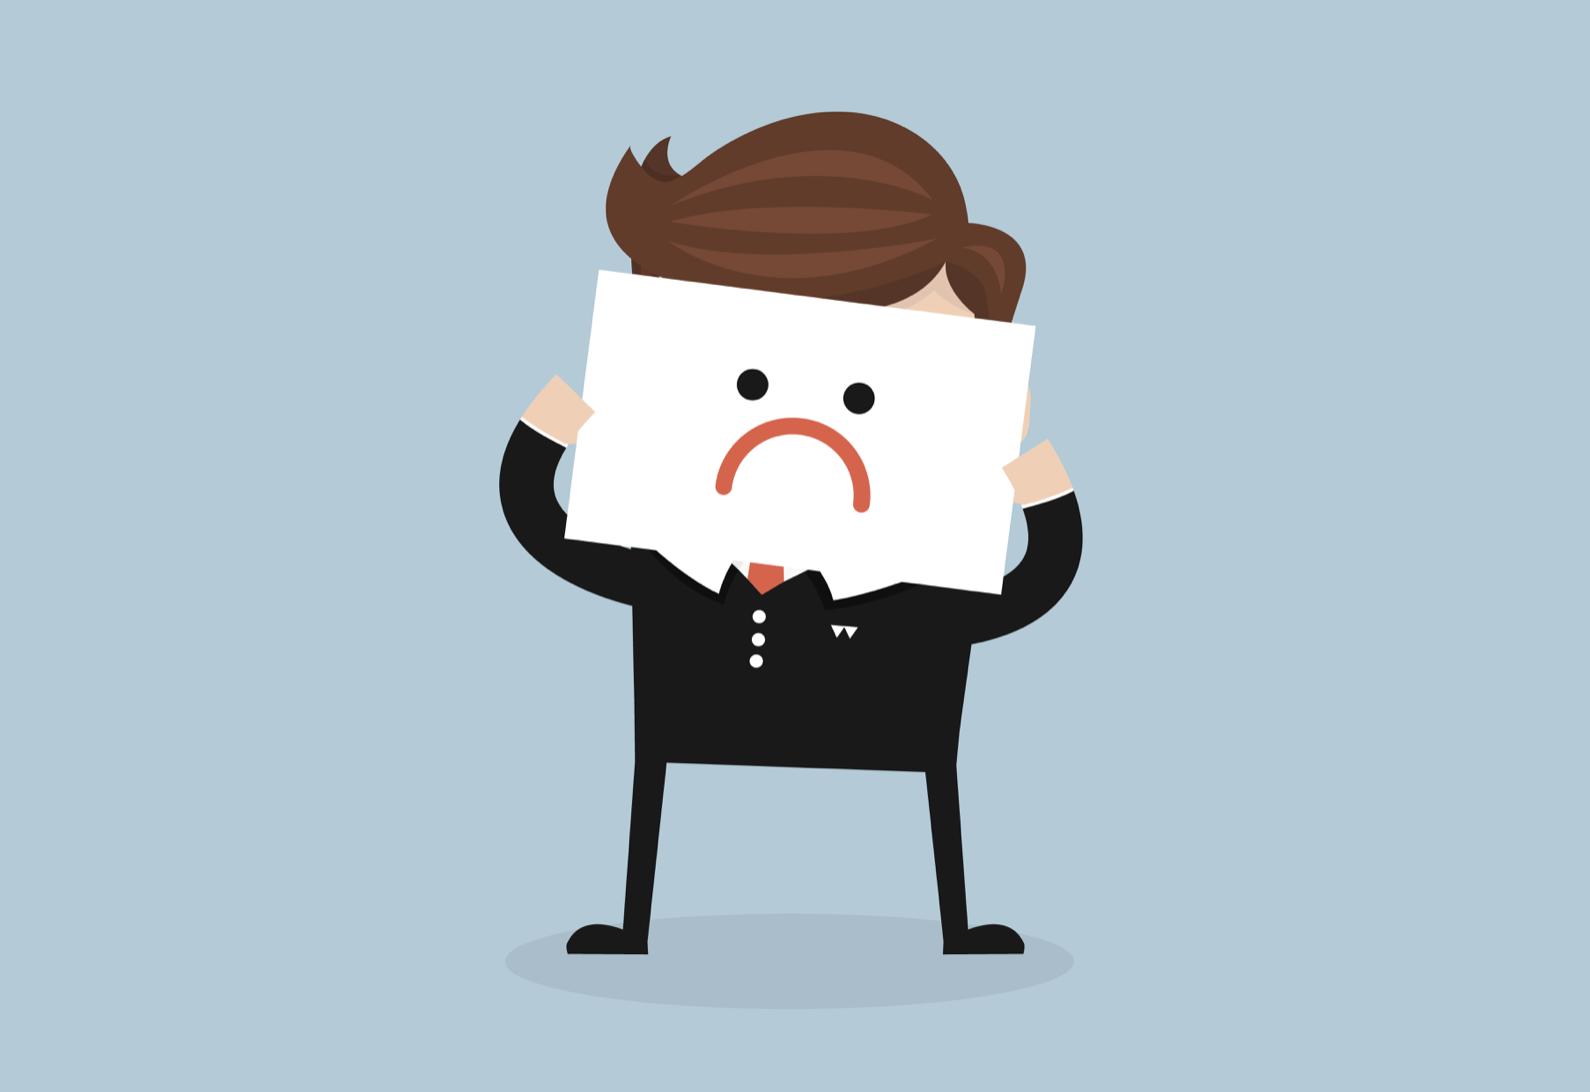 ブログは匿名と実名どっちがいいの?現役ブロガーがお答えします!